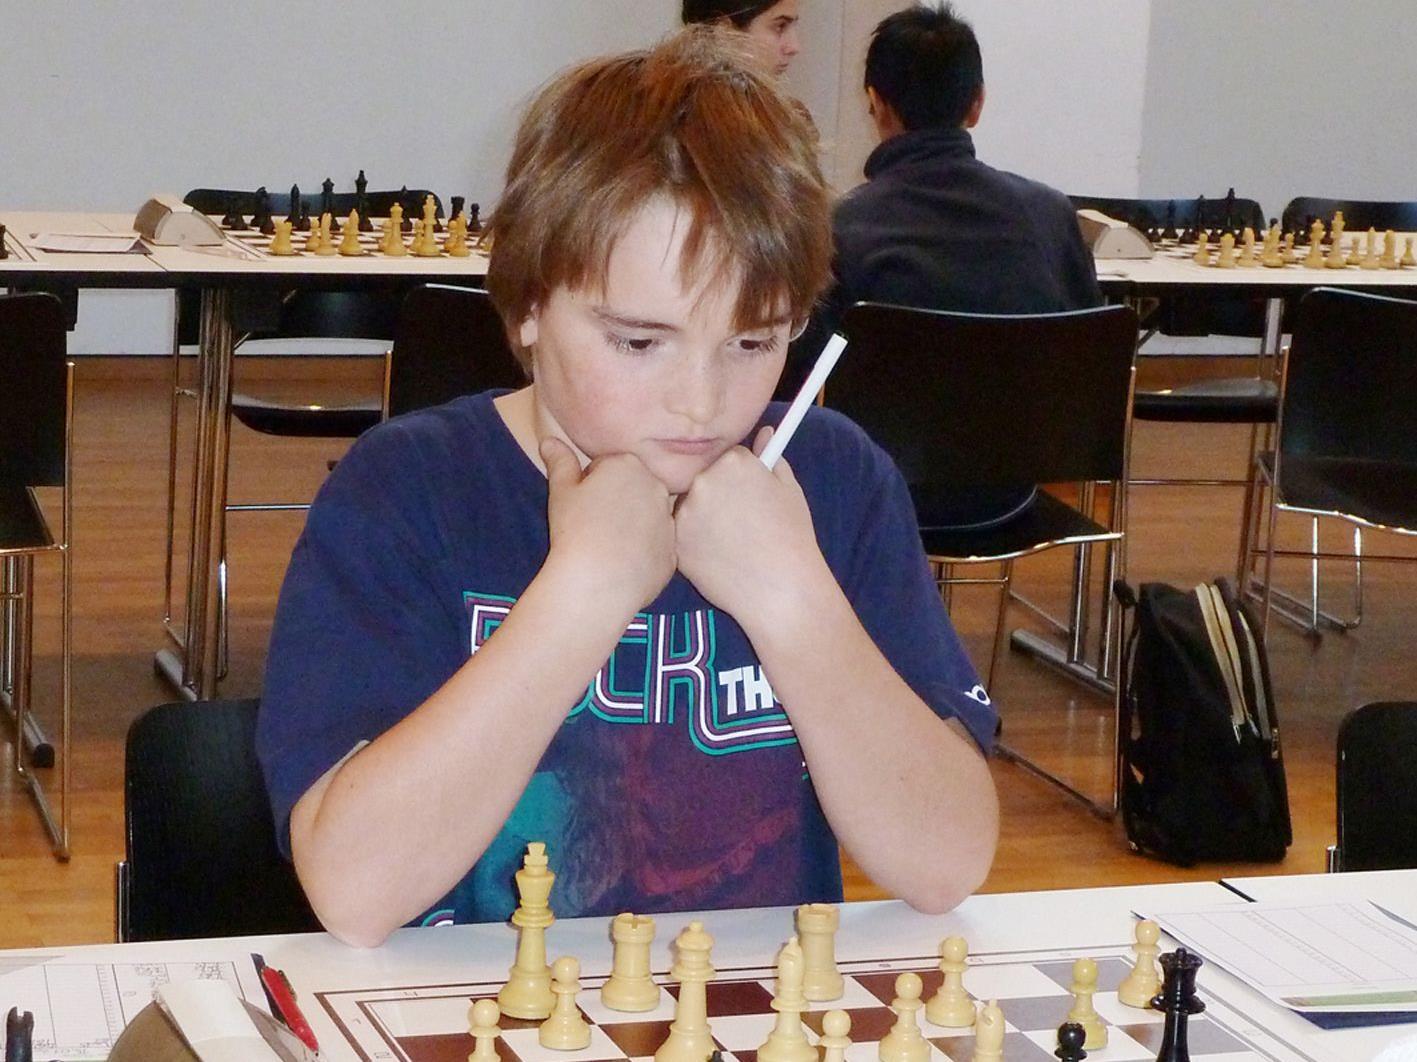 Patrick Nussbaumer holte bei den Schach U10 bis U14-ÖM die einzige Medaille für Vorarlberg.